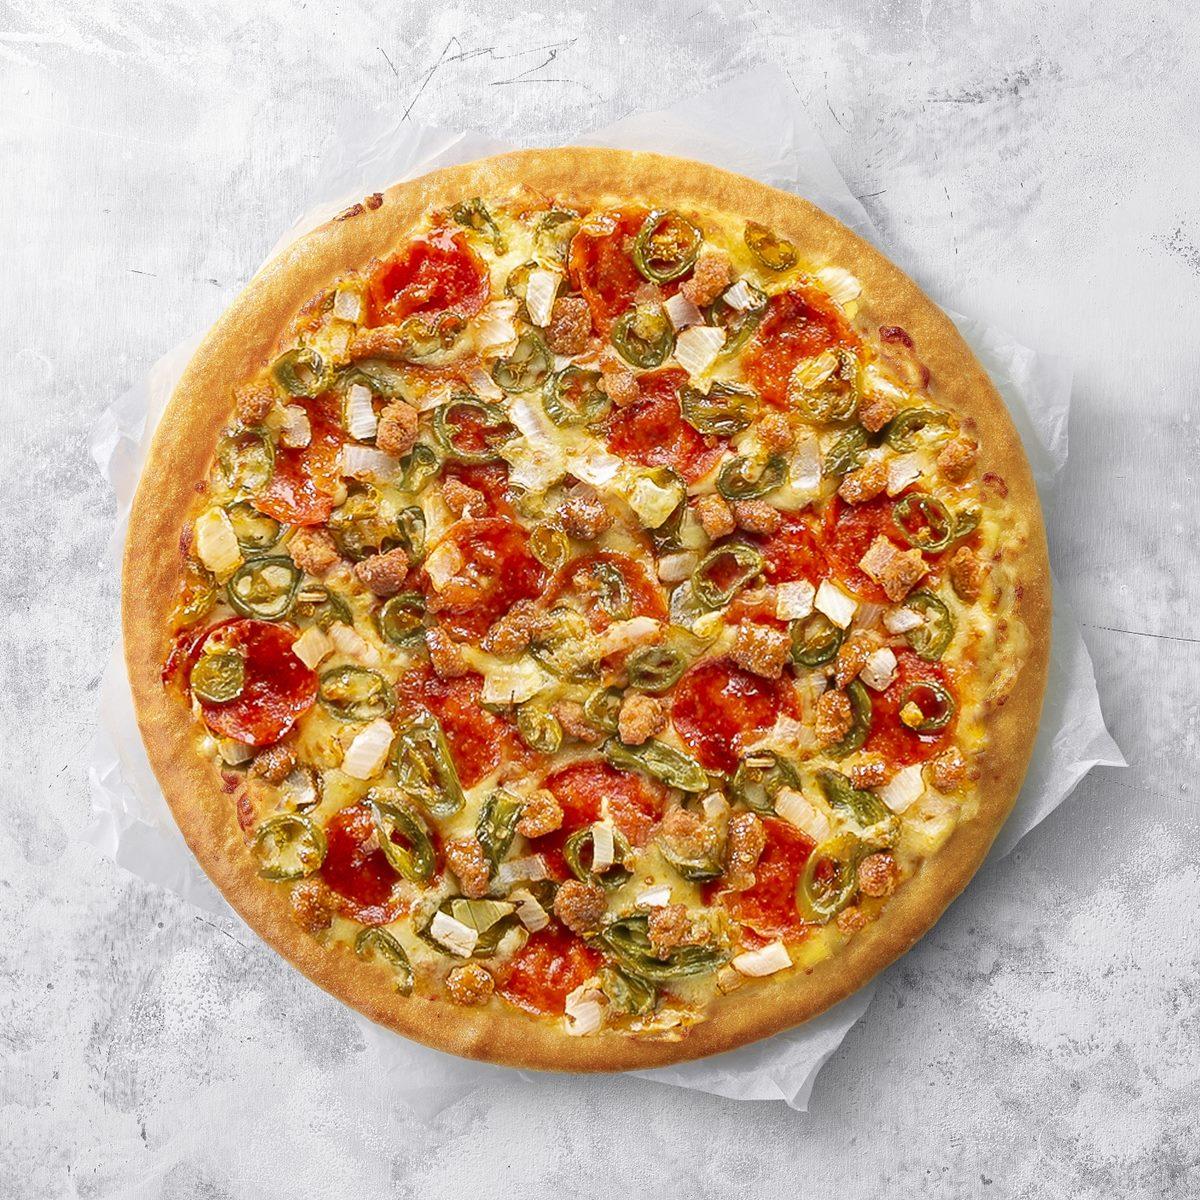 義大利人徹底崩潰!必勝客「豬血糕披薩」狂加香菜、皮蛋,還有「墨西哥辣椒披薩」回歸